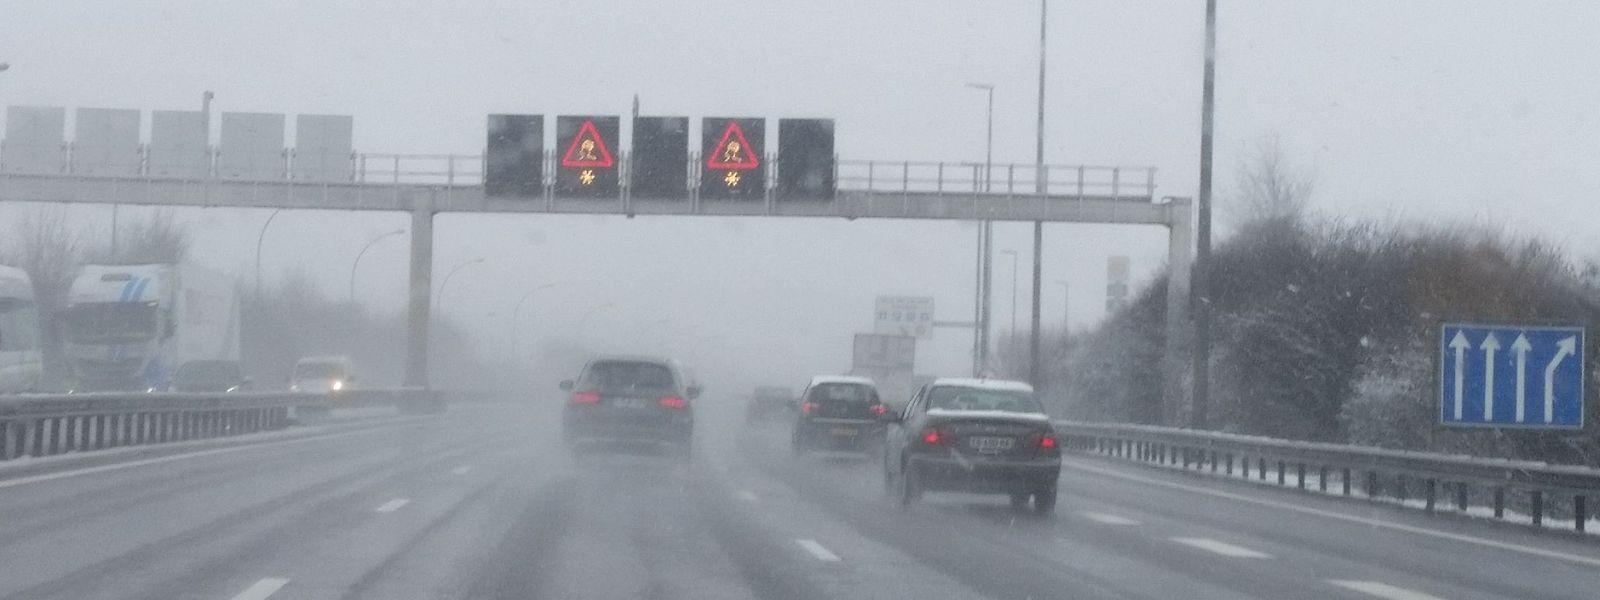 Au sud comme au nord du Luxembourg, pluie verglaçante et neige tomberont entre  3 heures du matin et 10 heures.